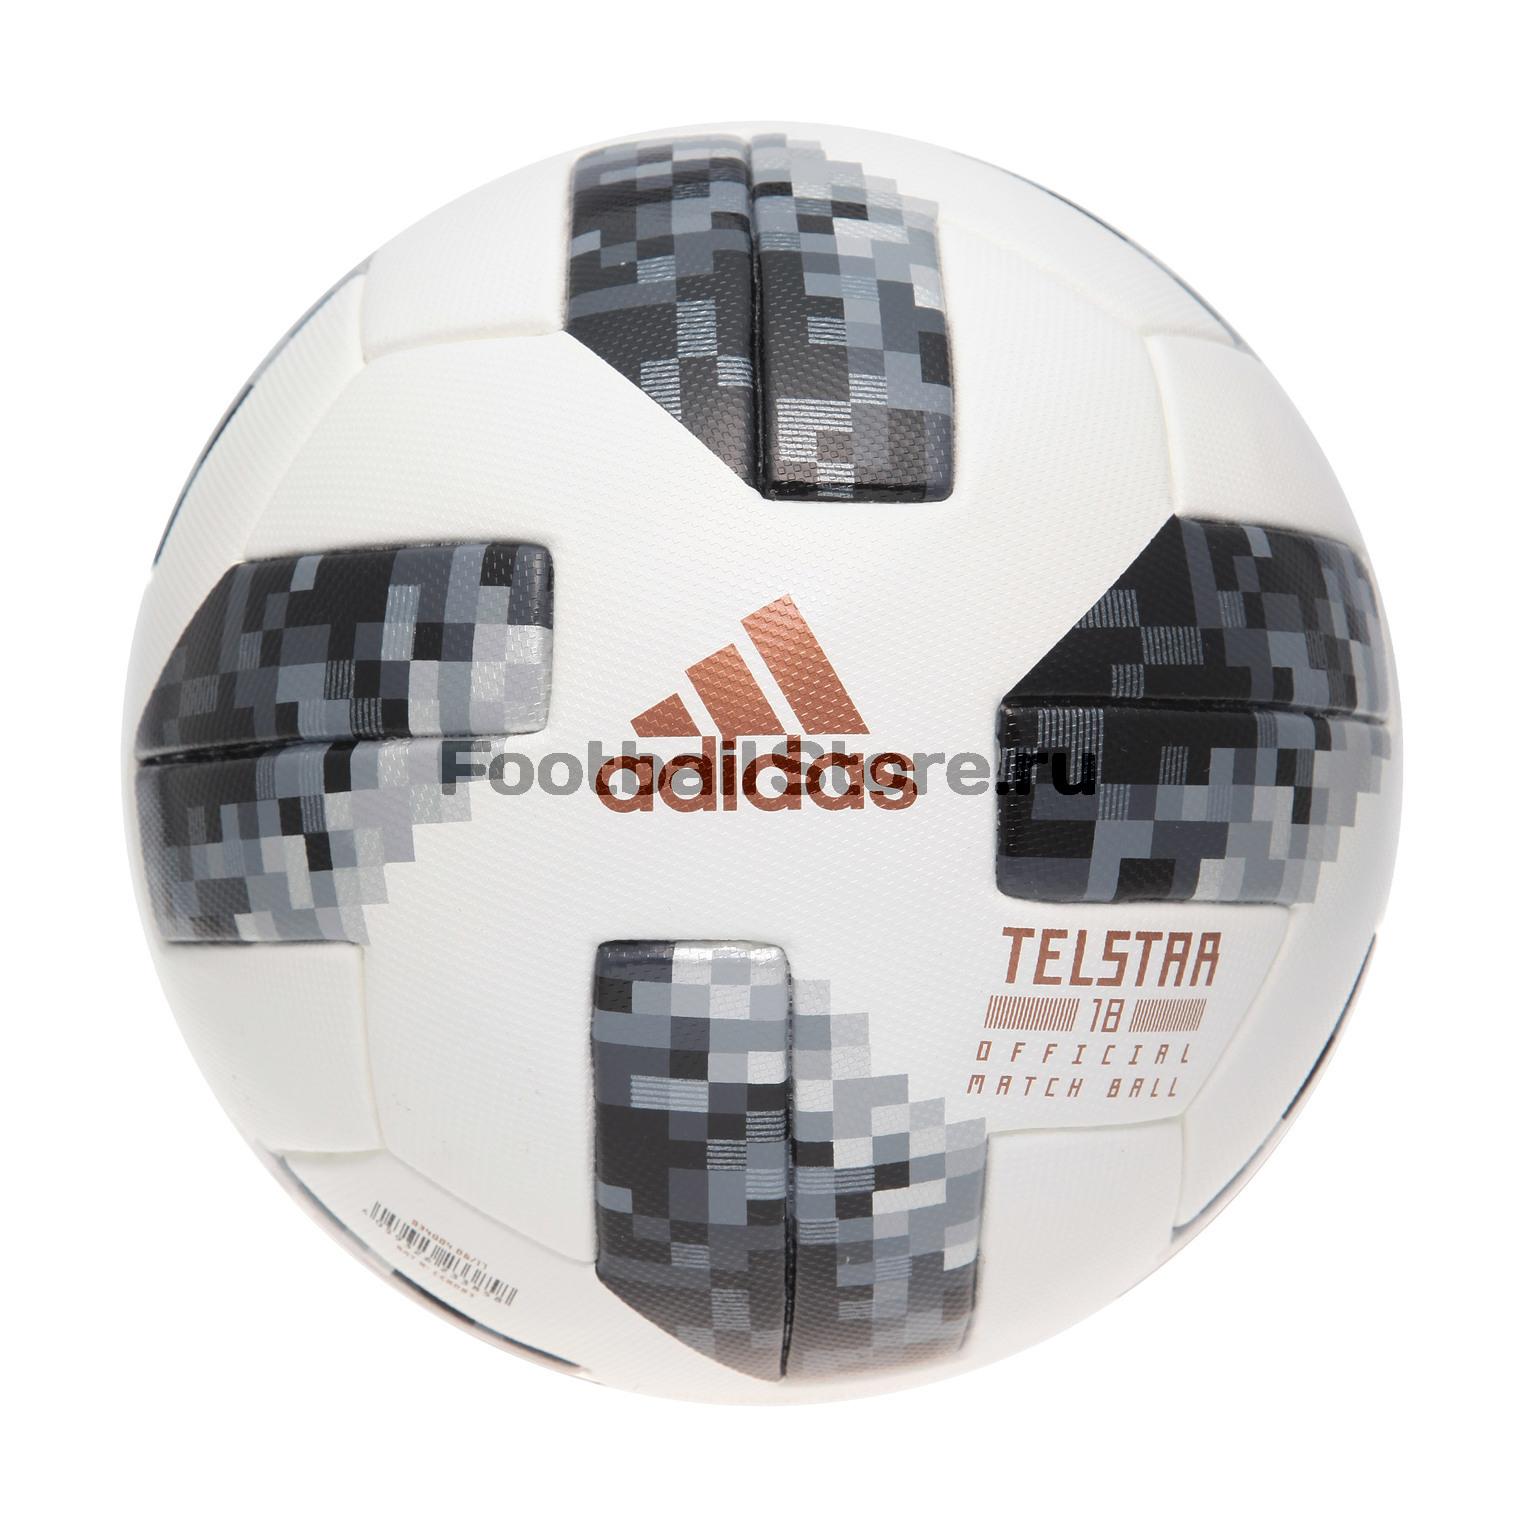 Официальный футбольный мяч Чемпионата Мира-2018 Adidas Telstar ... 0bf7fc29297